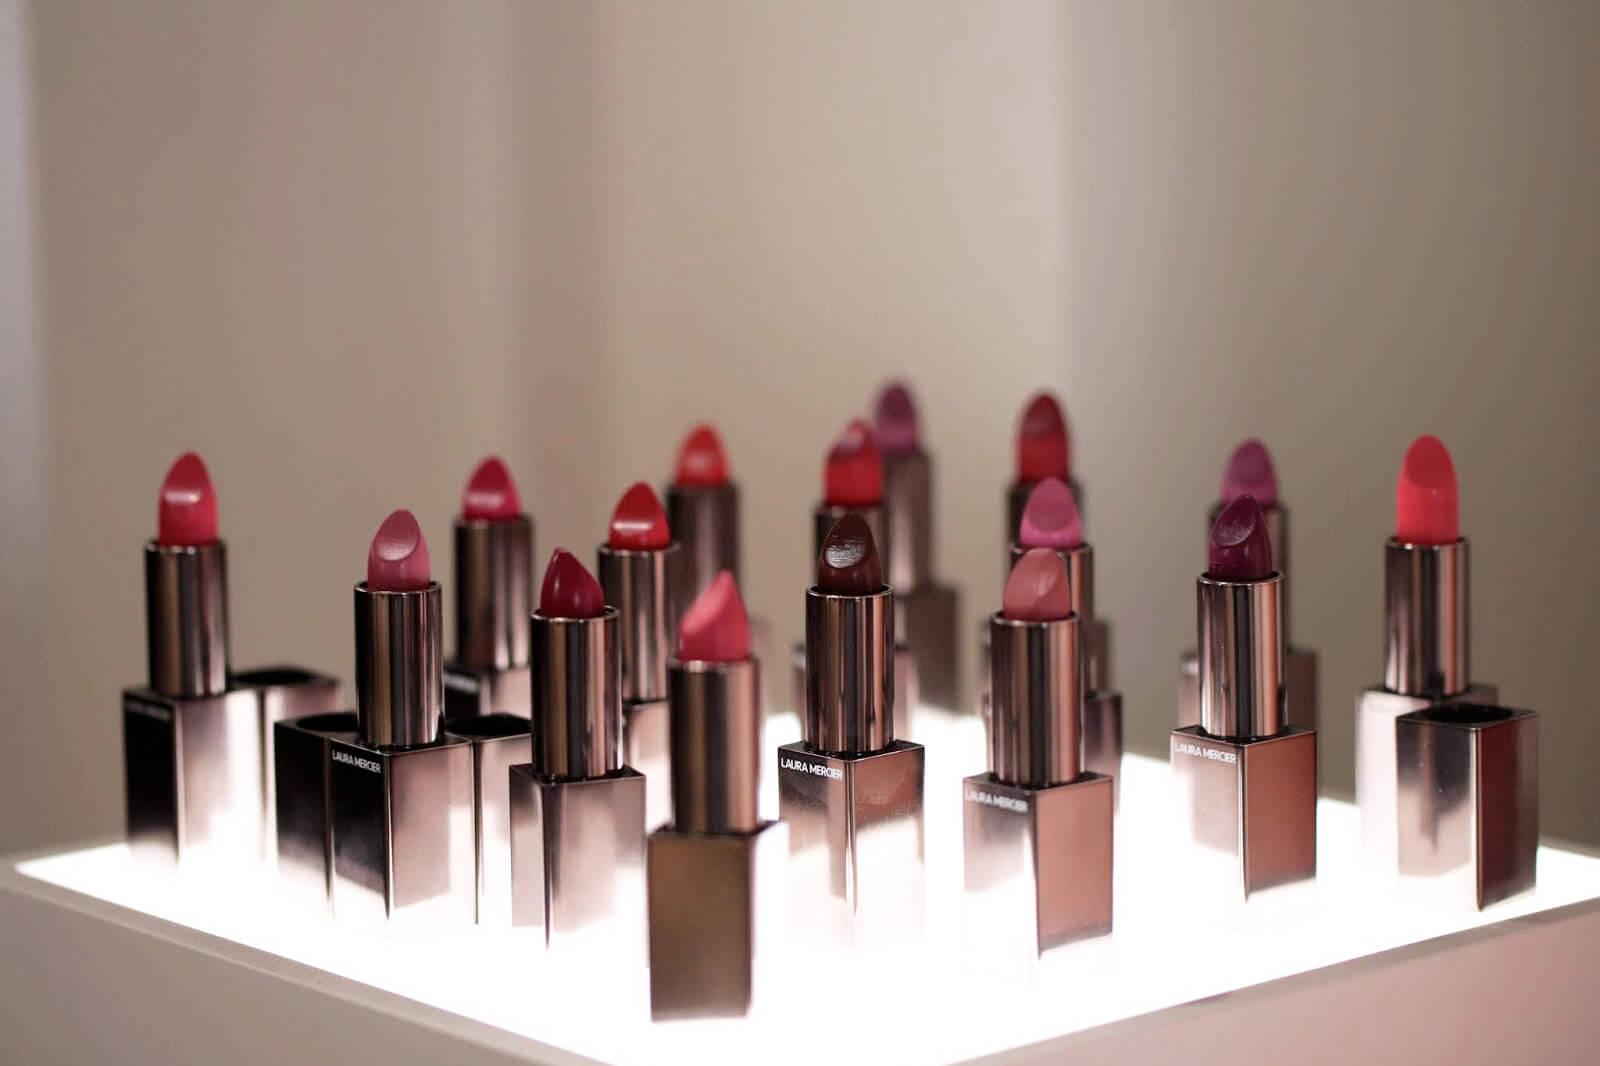 laura mercier rouge essentiel silky creme lipstick rouge à lèvres printemps 2019 swatch